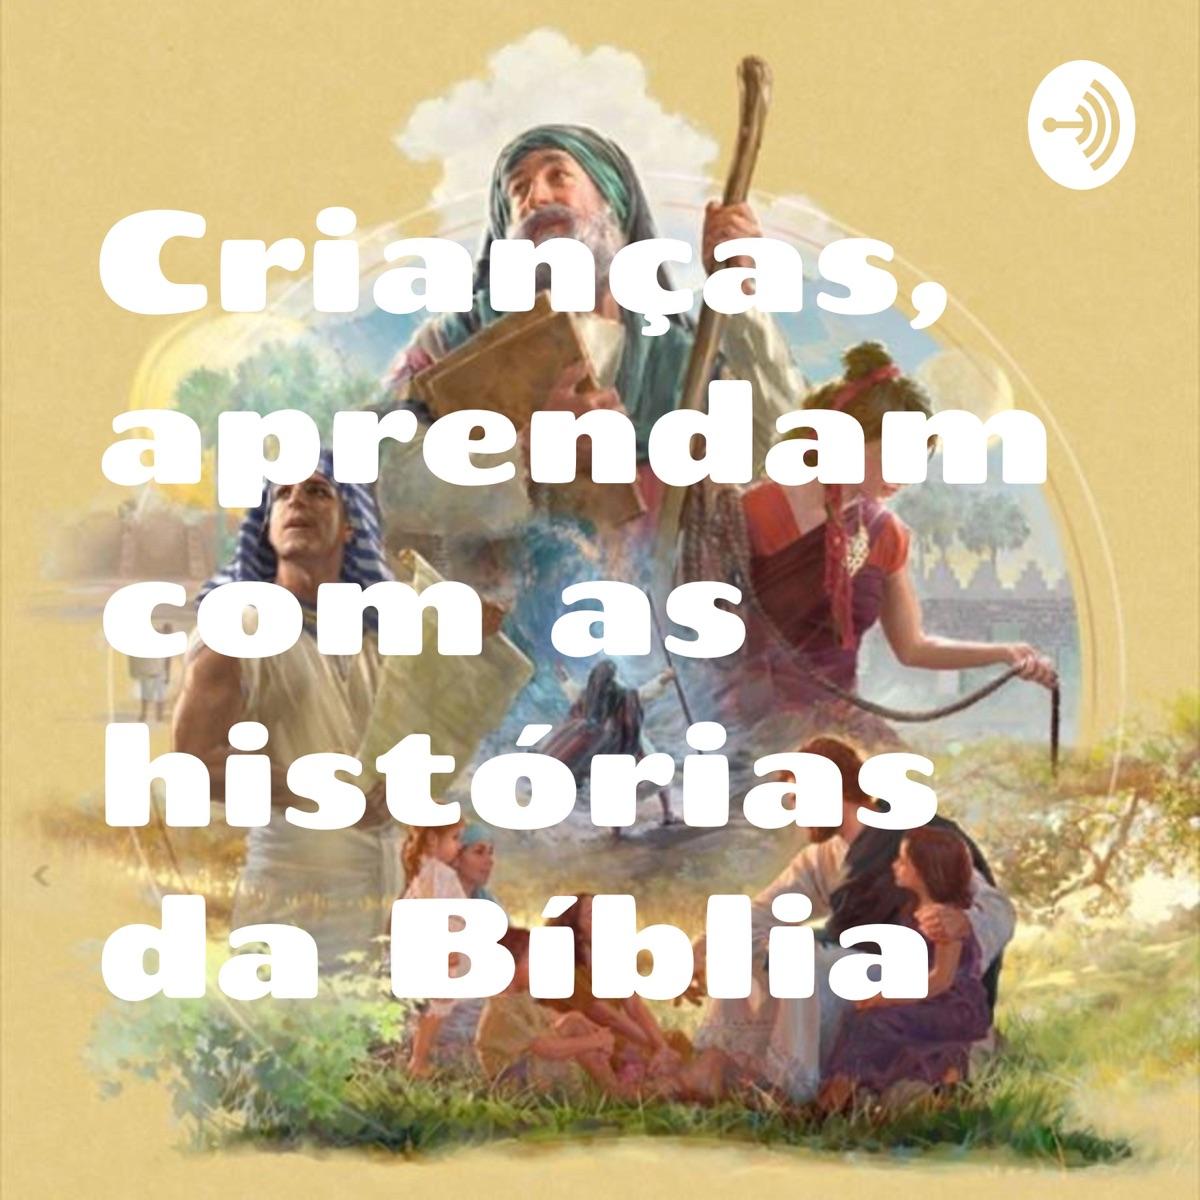 Crianças, aprendam com as histórias da Bíblia